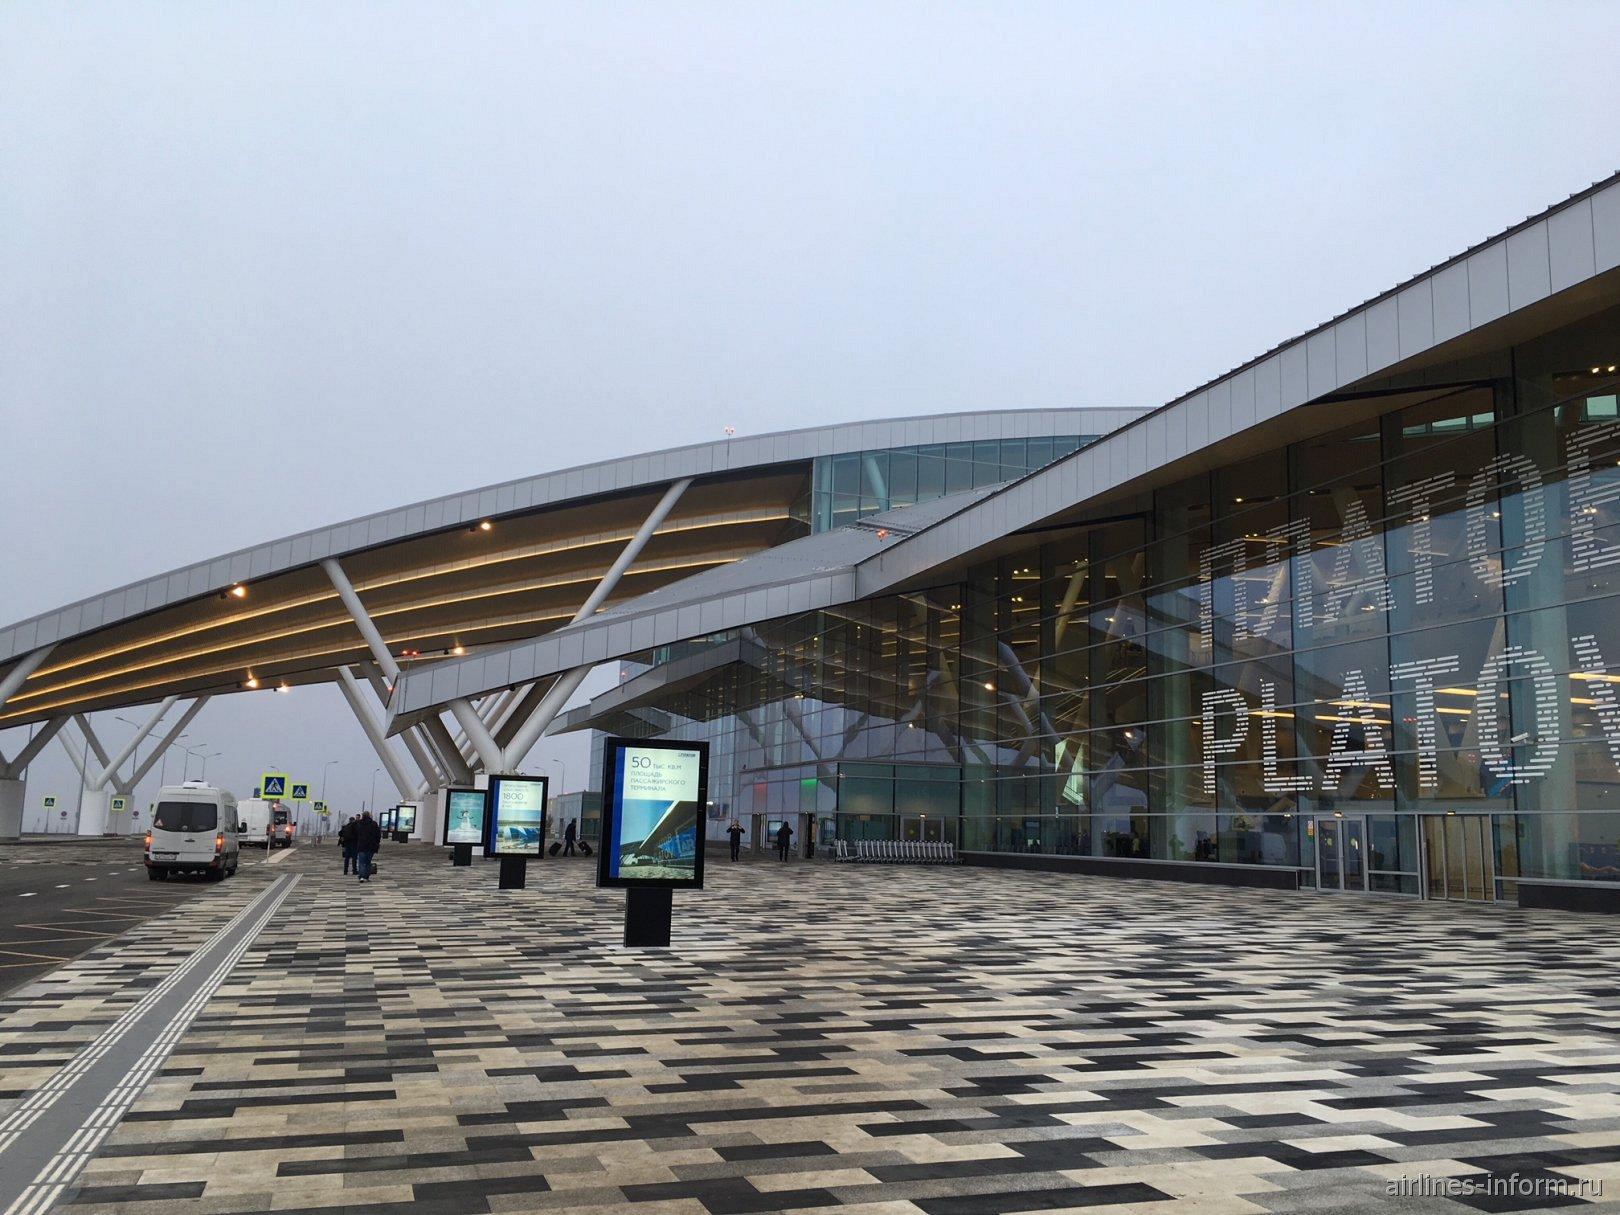 У входа в пассажирский терминал аэропорта Платов в Ростове-на-Дону